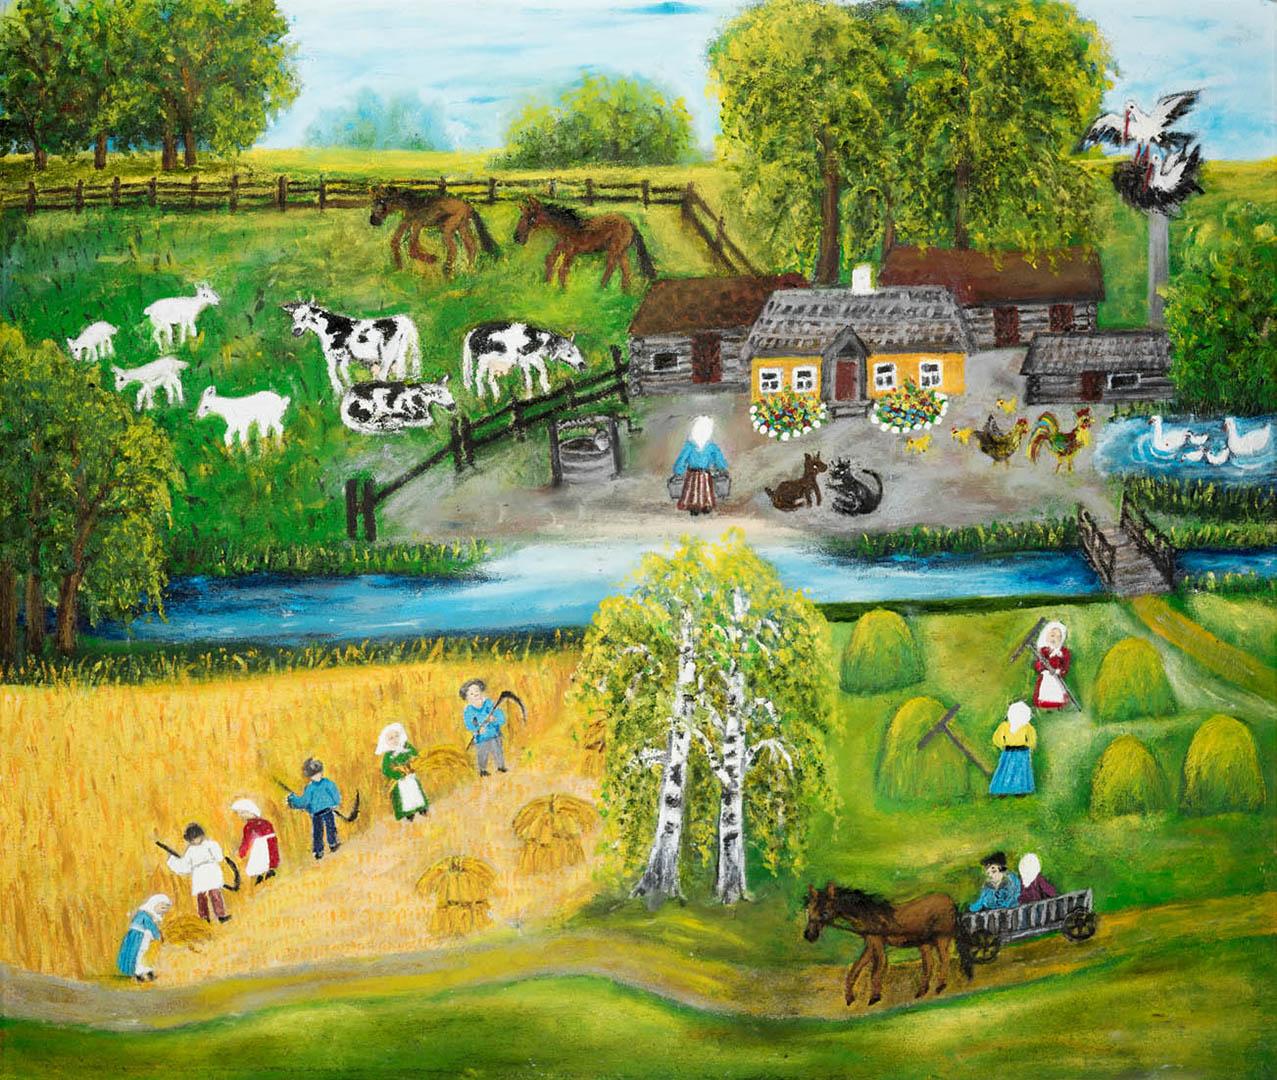 """Elena Petrauskienė. """"Lietuviškas kaimas"""", 2020 m. Kartonas, aliejus; 61 x 72 cm (Antroji Monikos Bičiūnienės premija)"""